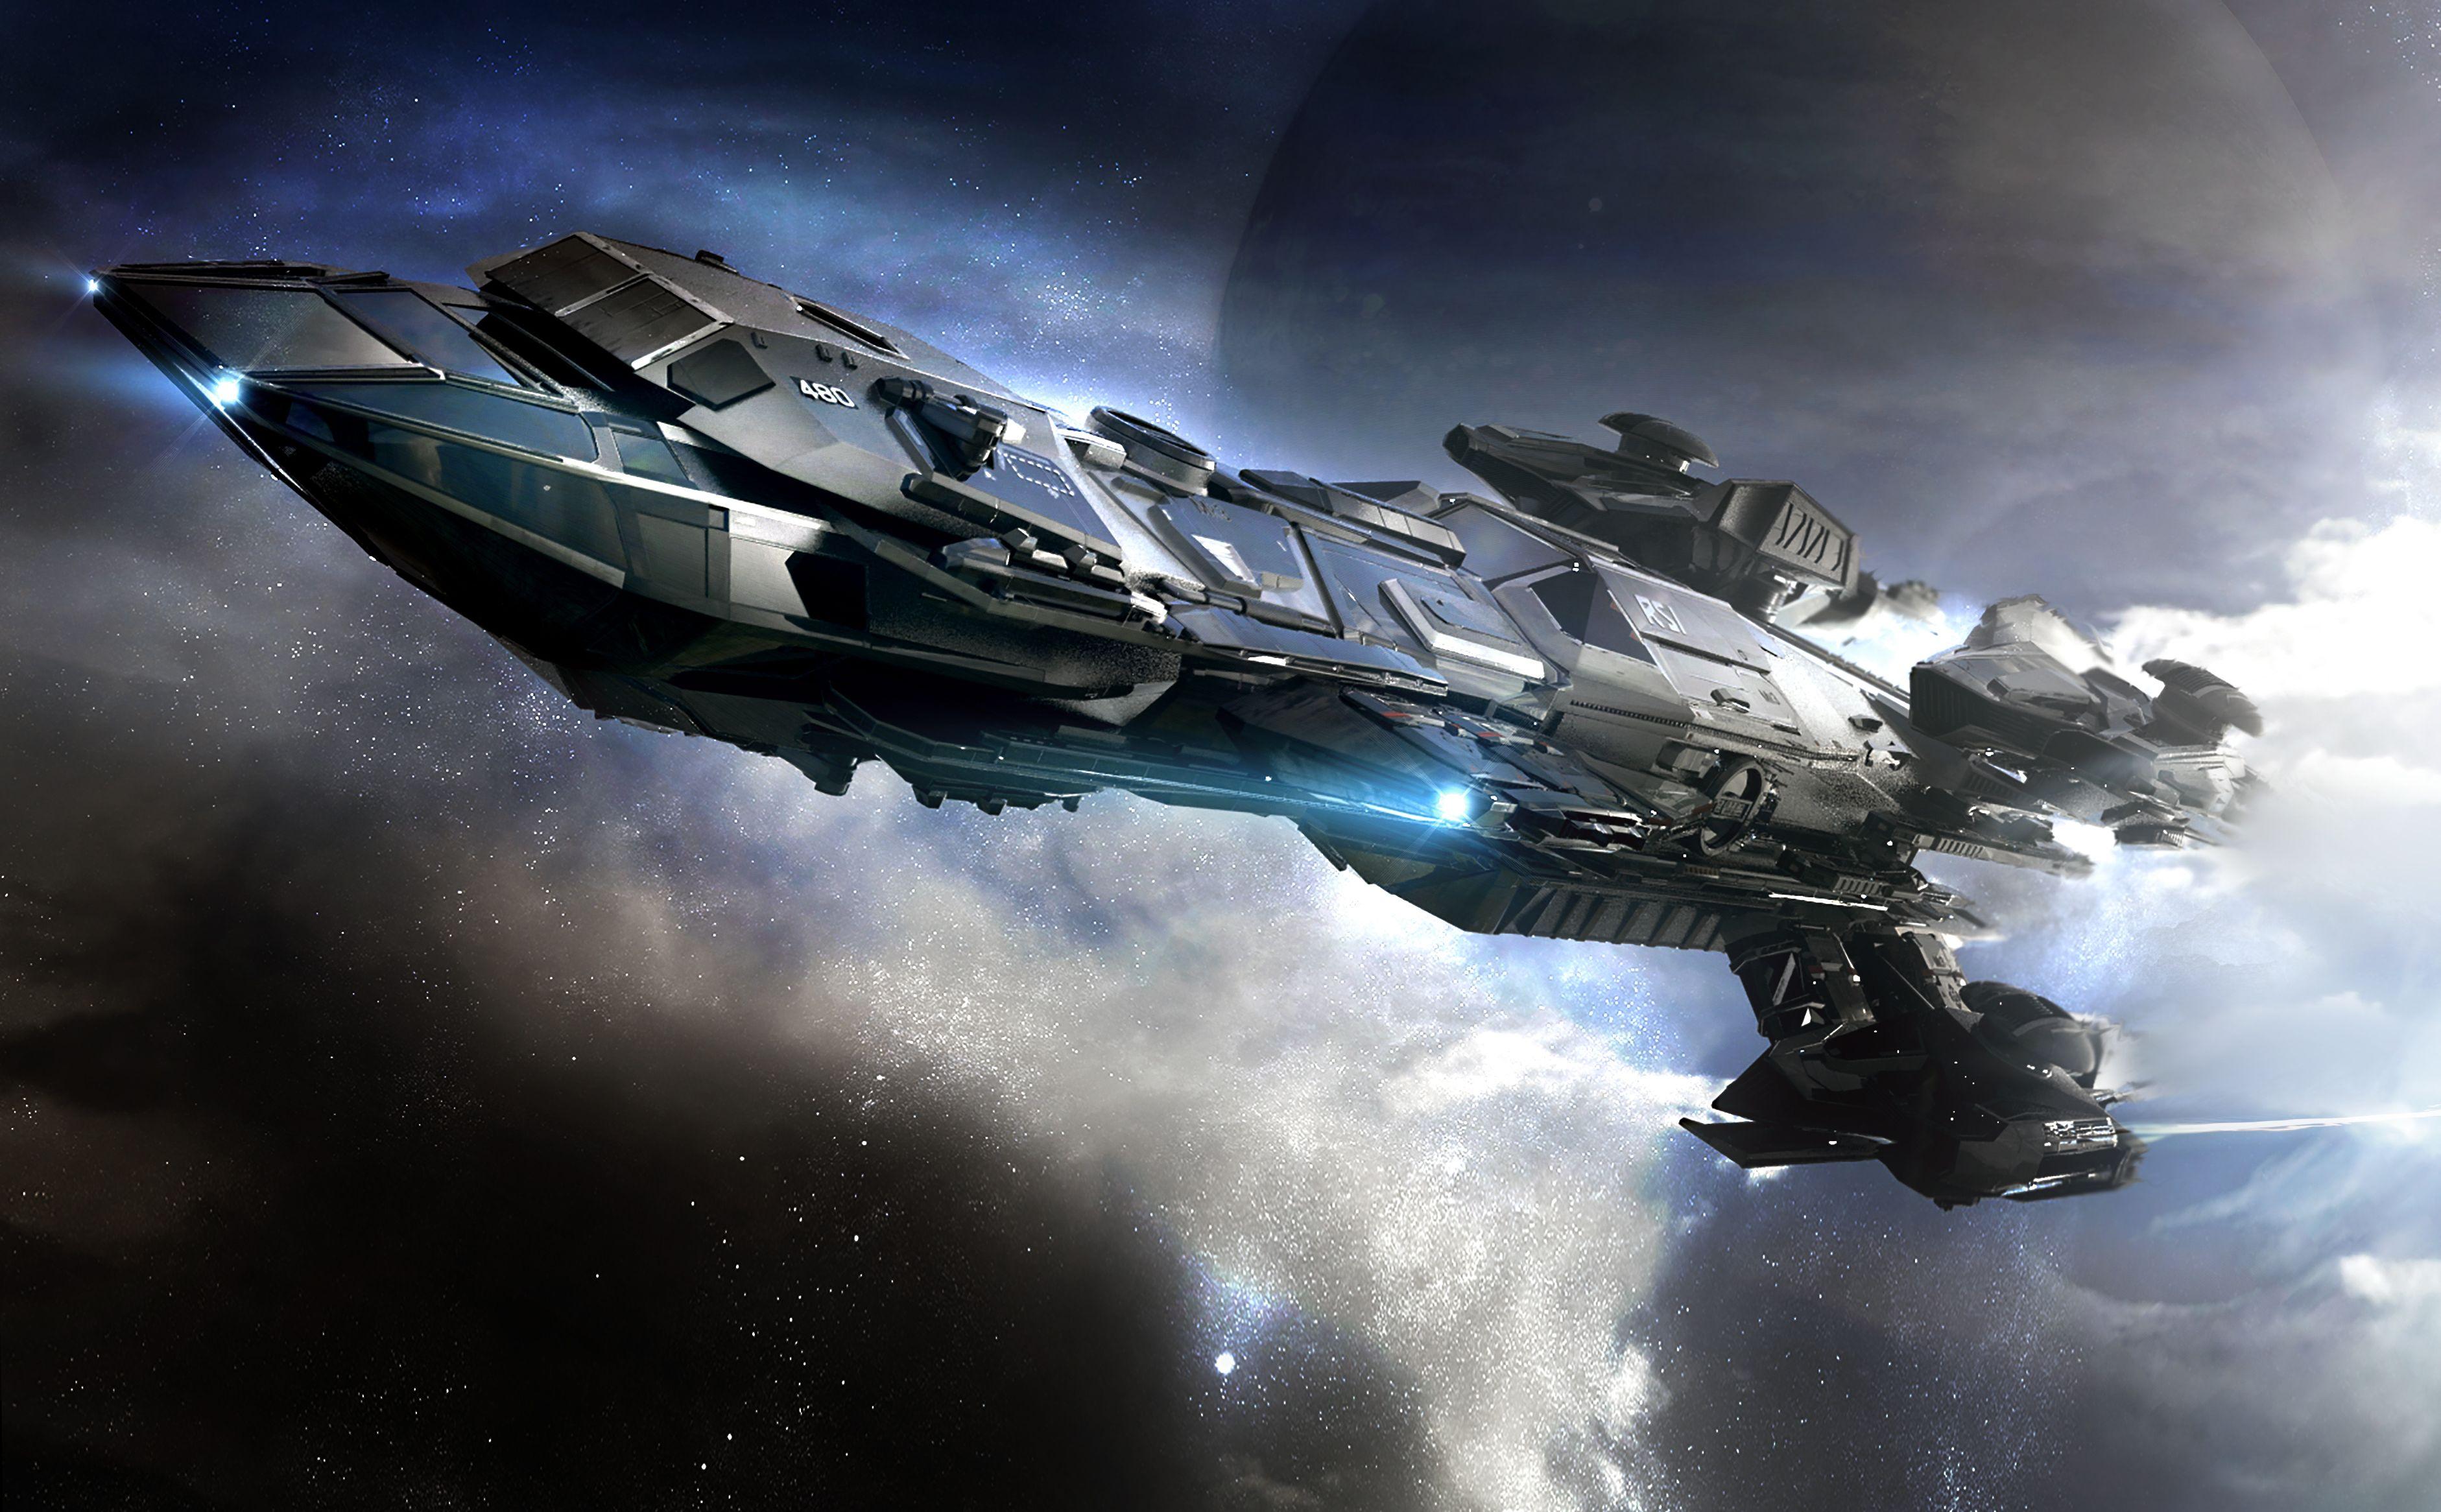 Фото космических кораблей из фантастики